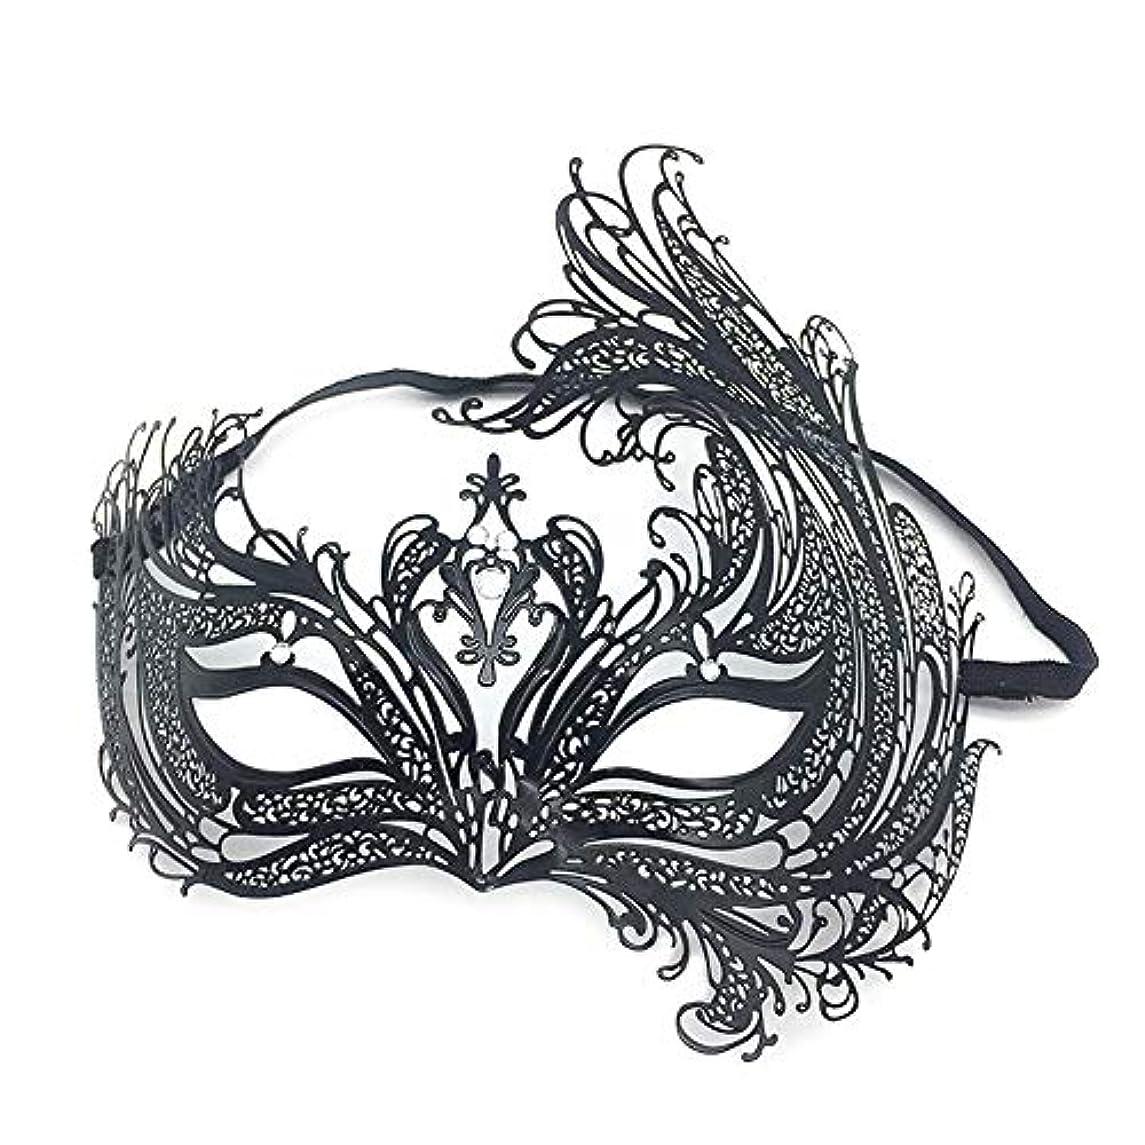 ダンスマスク 仮面舞踏会パーティーブラックセクシーハーフフェイスフェニックスハロウィーンロールプレイングメタルマスクガール ホリデーパーティー用品 (色 : ブラック, サイズ : 20x19cm)